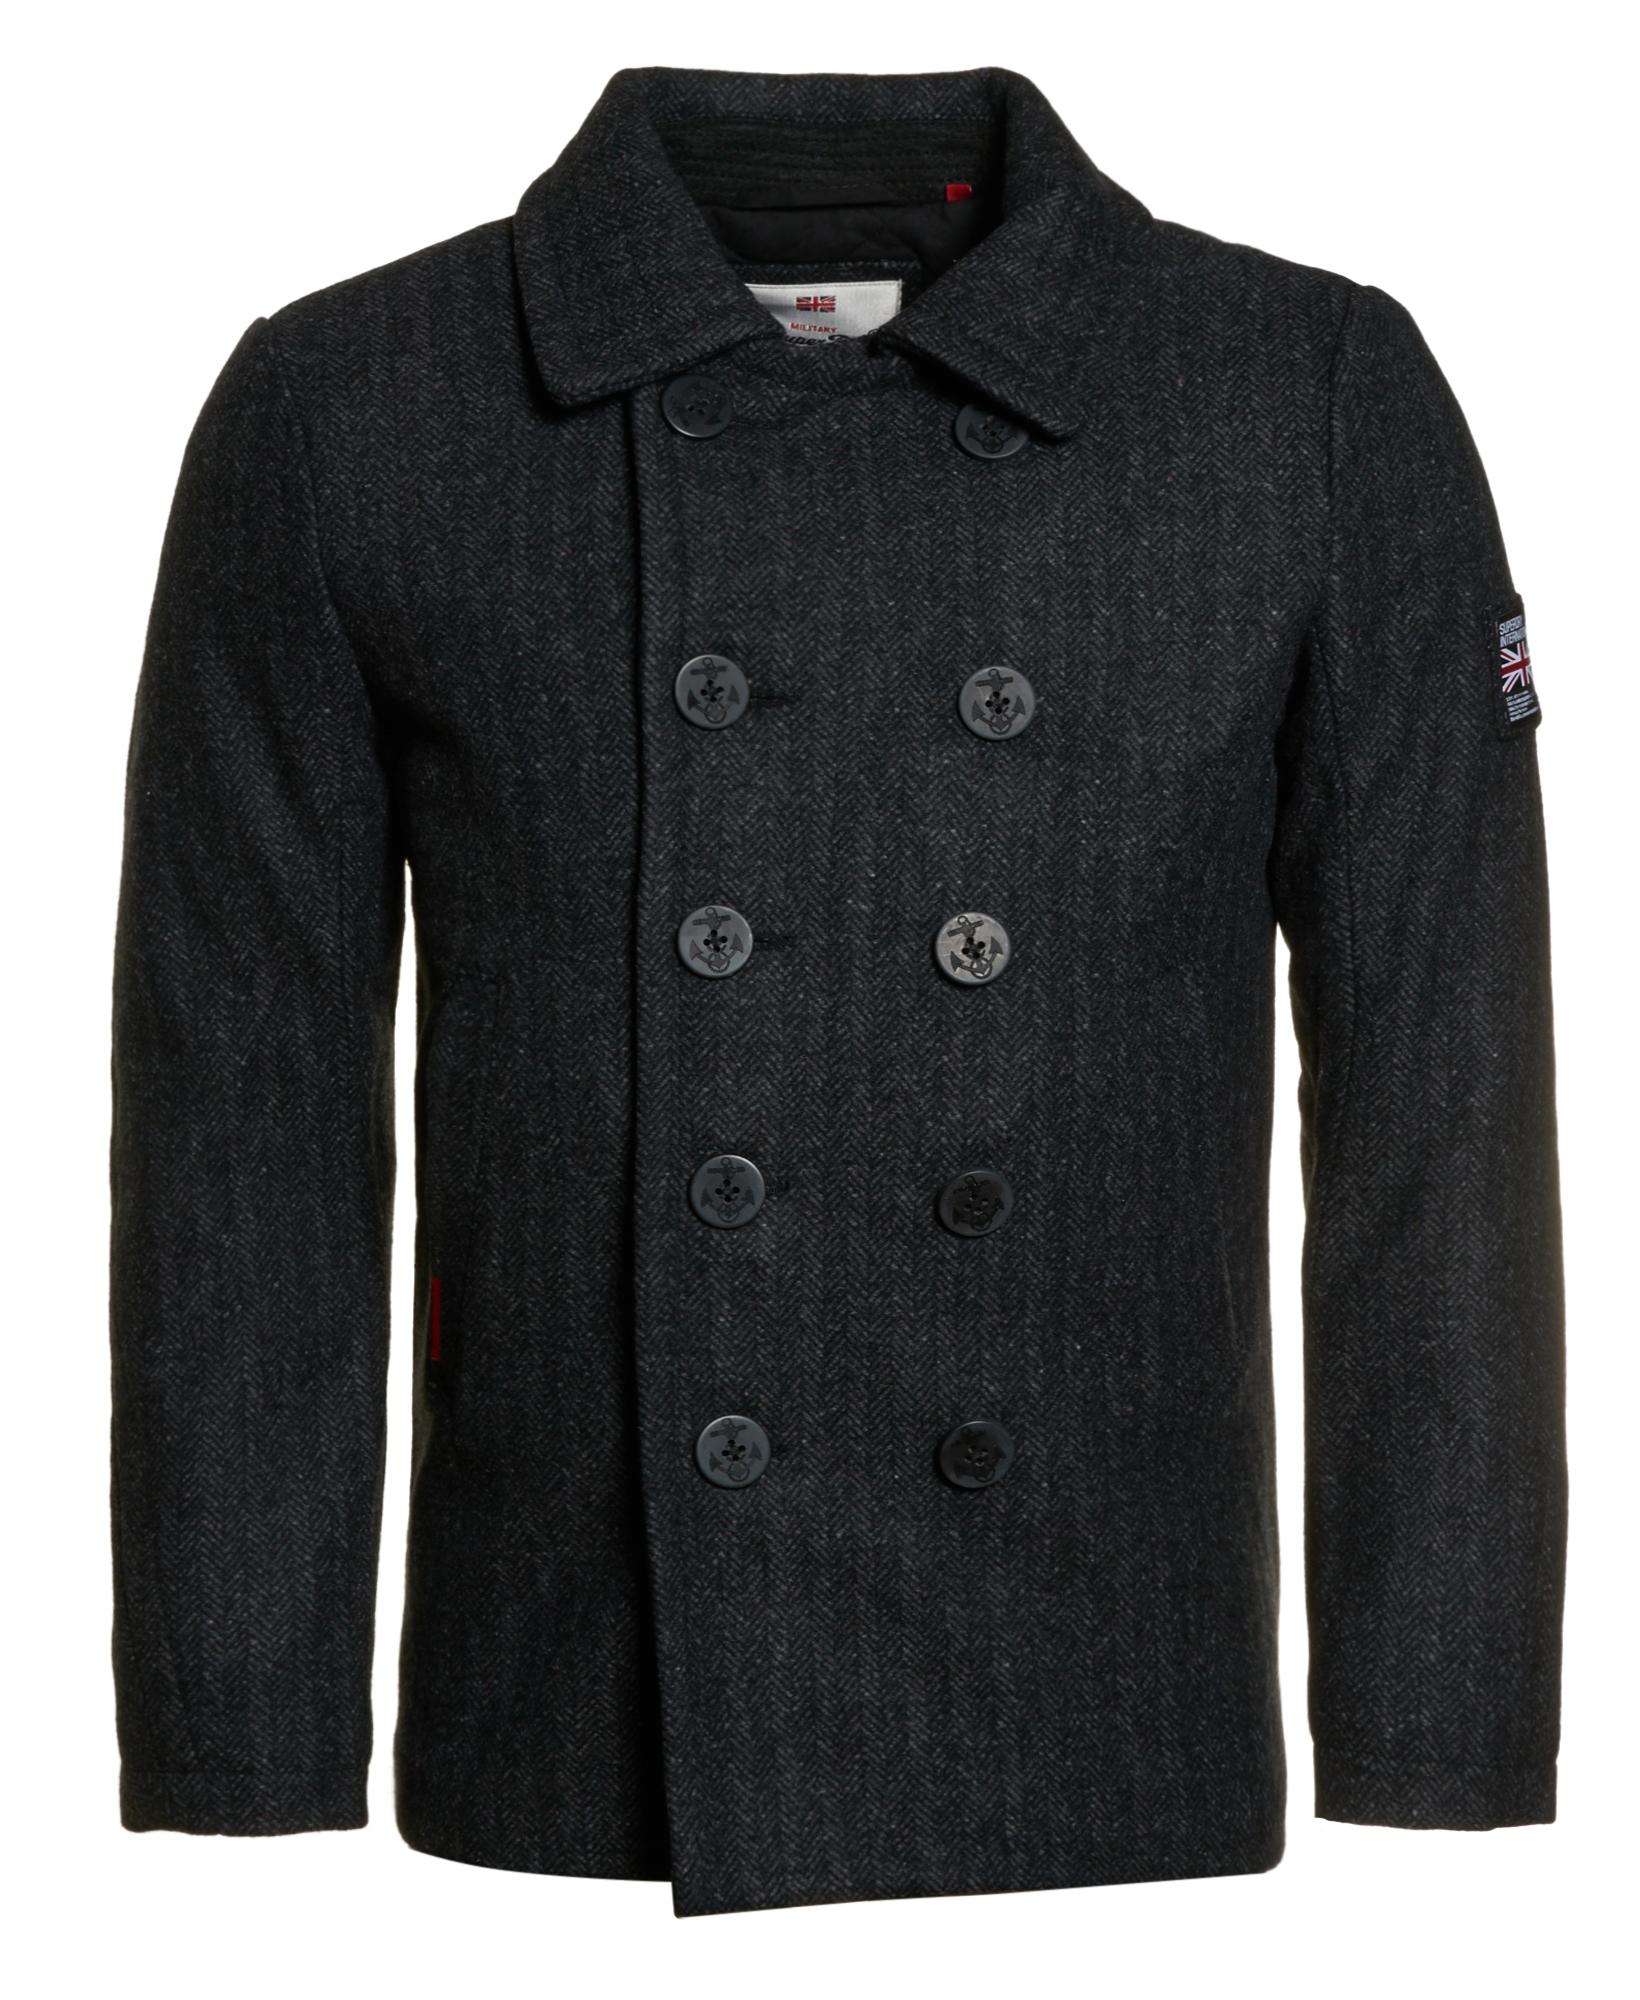 MENS SUPERDRY ROOKIE Pea Coat Charcoal Herringbone $69.50